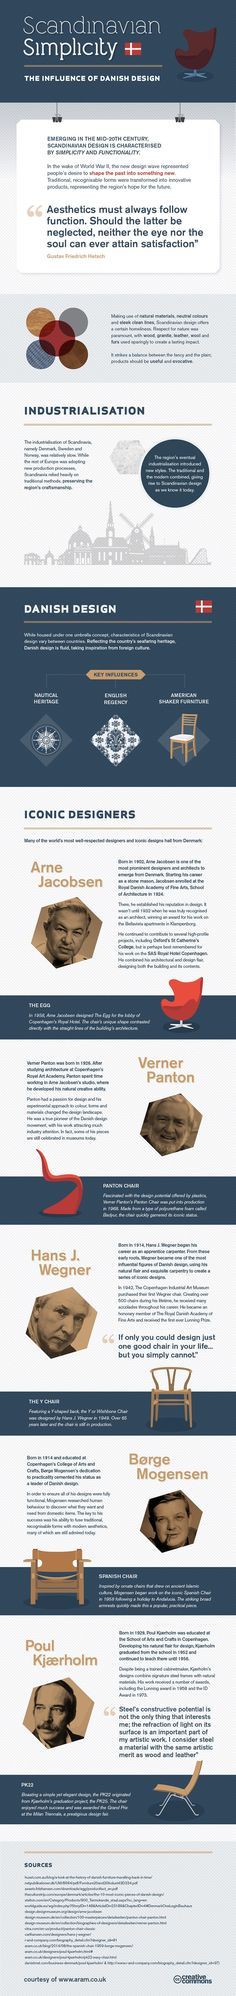 Scandinavian Simplicity: The Influence of Danish Design - http://freshome.com/scandinavian-fascination-influence-of-danish-design/